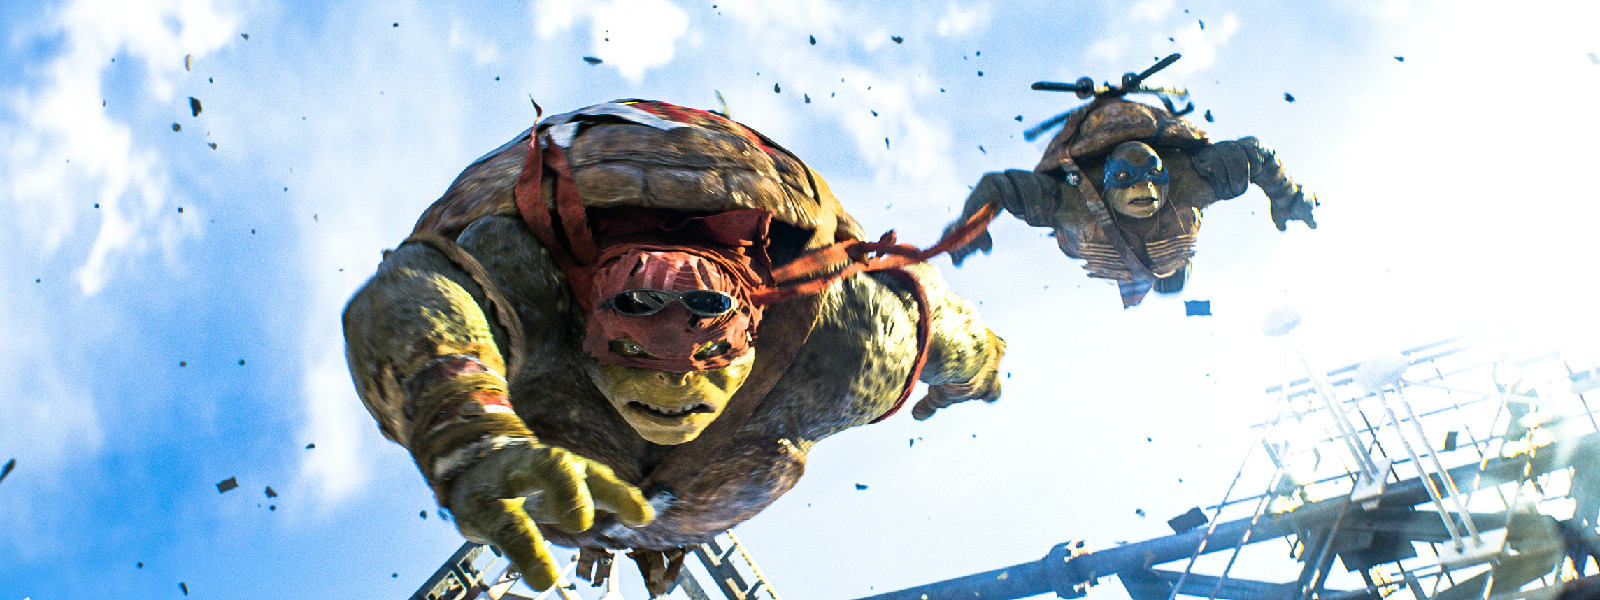 忍者神龟2高清1080P电影3D资源分享震撼来袭